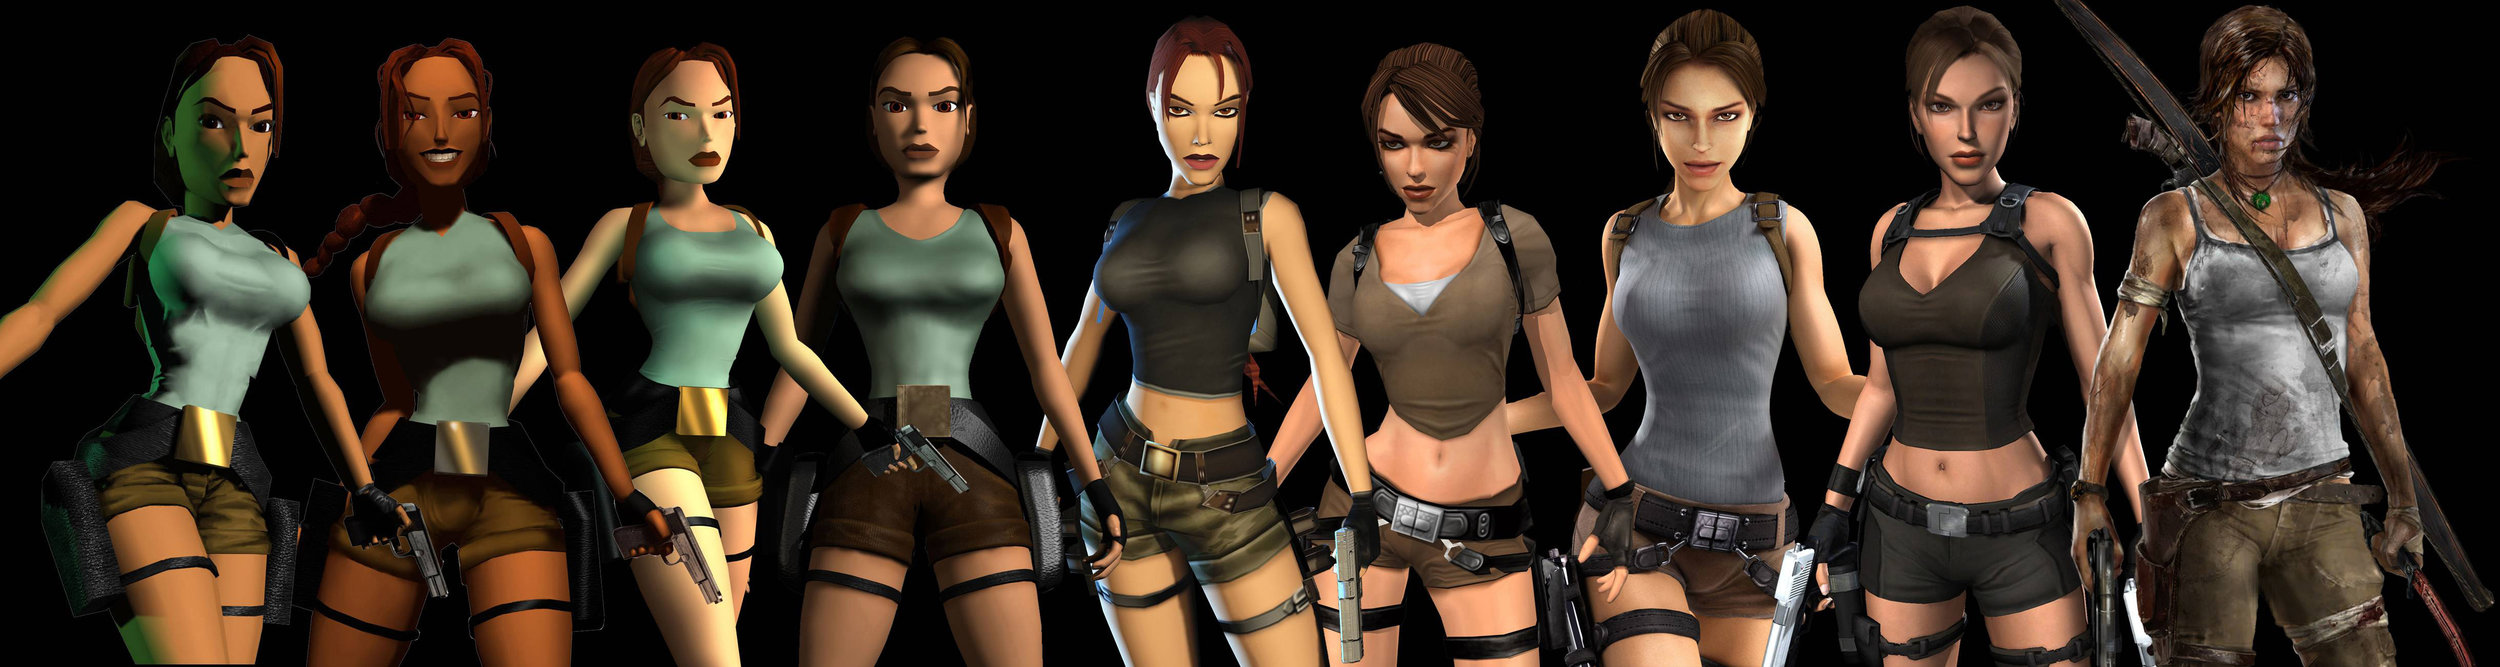 E invece loro. Lara.